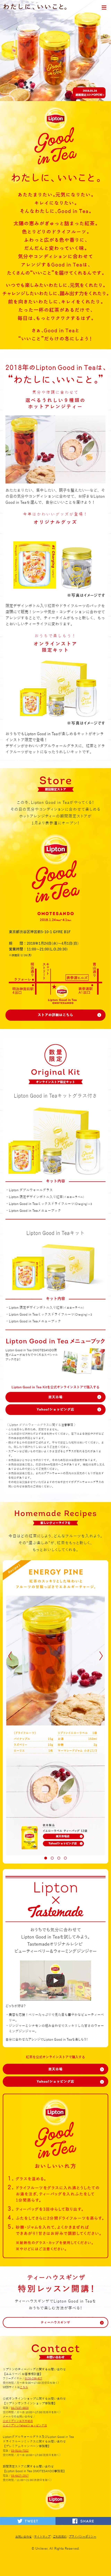 ユニリーバ・ジャパン・ビバレッジ株式会社様の「Lipton Good in Tea」のスマホランディングページ(LP)かわいい系|お茶・紅茶・珈琲 #LP #ランディングページ #ランペ #Lipton Good in Tea